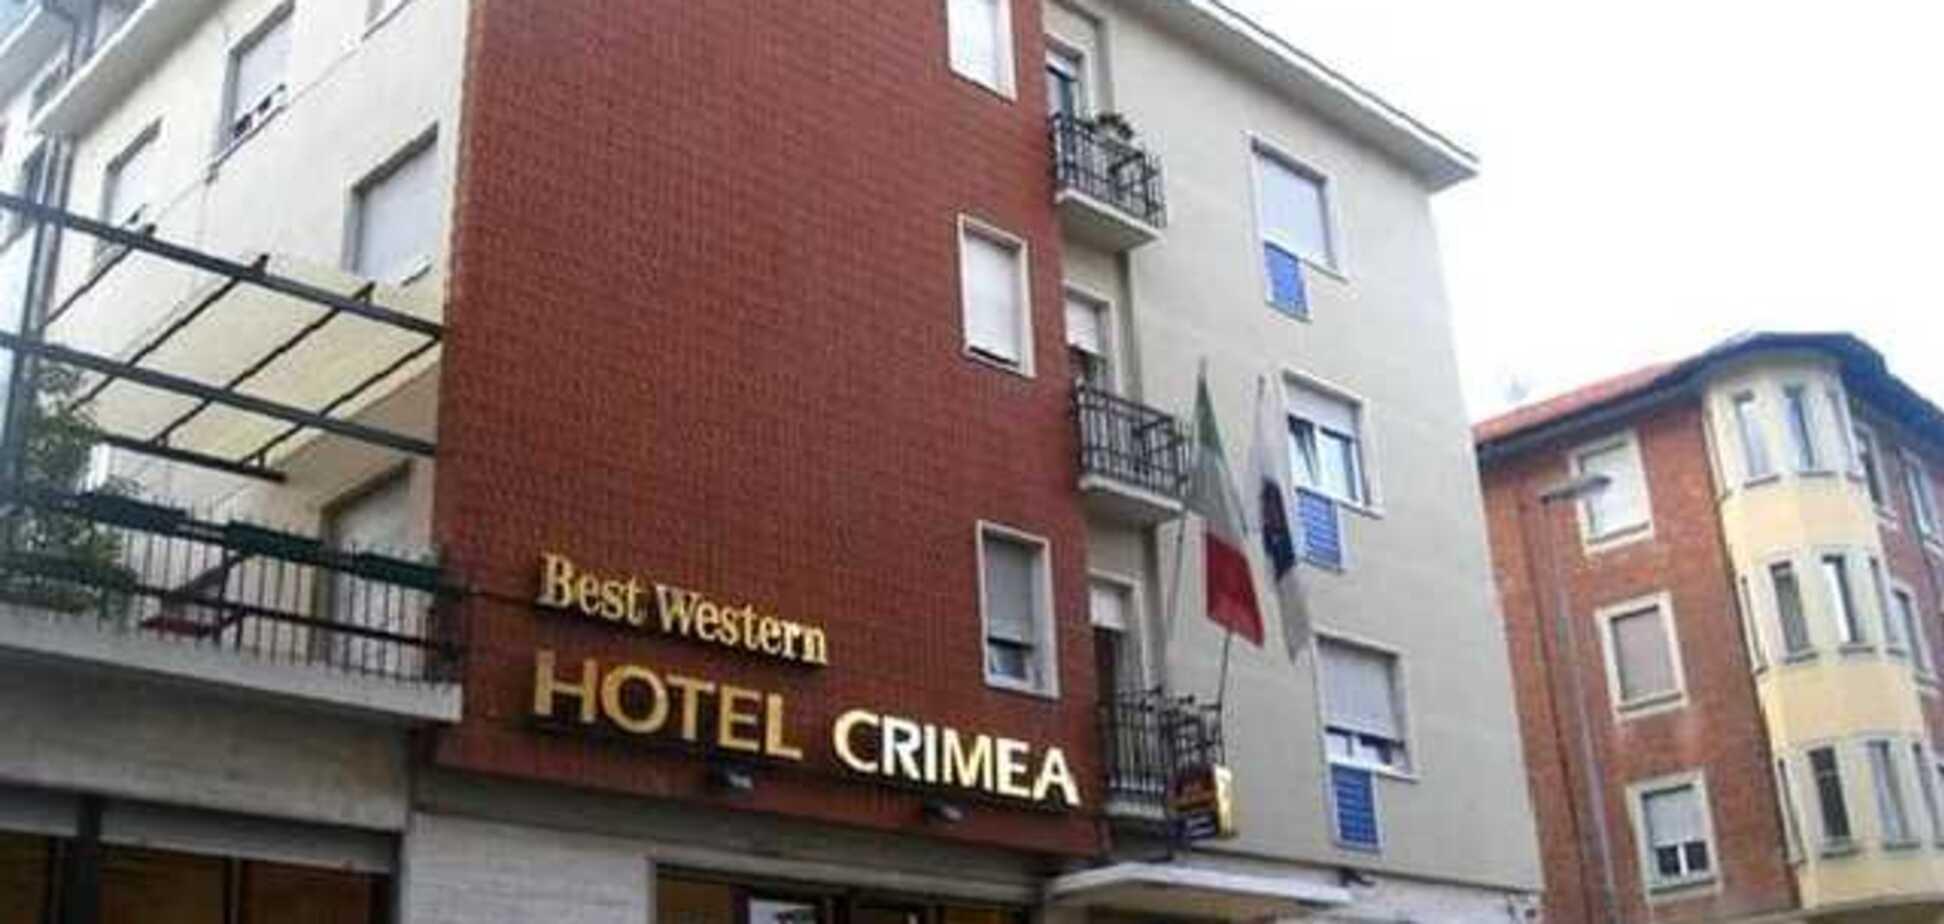 Санкции в действии: из Крыма сбежал последний западный отель